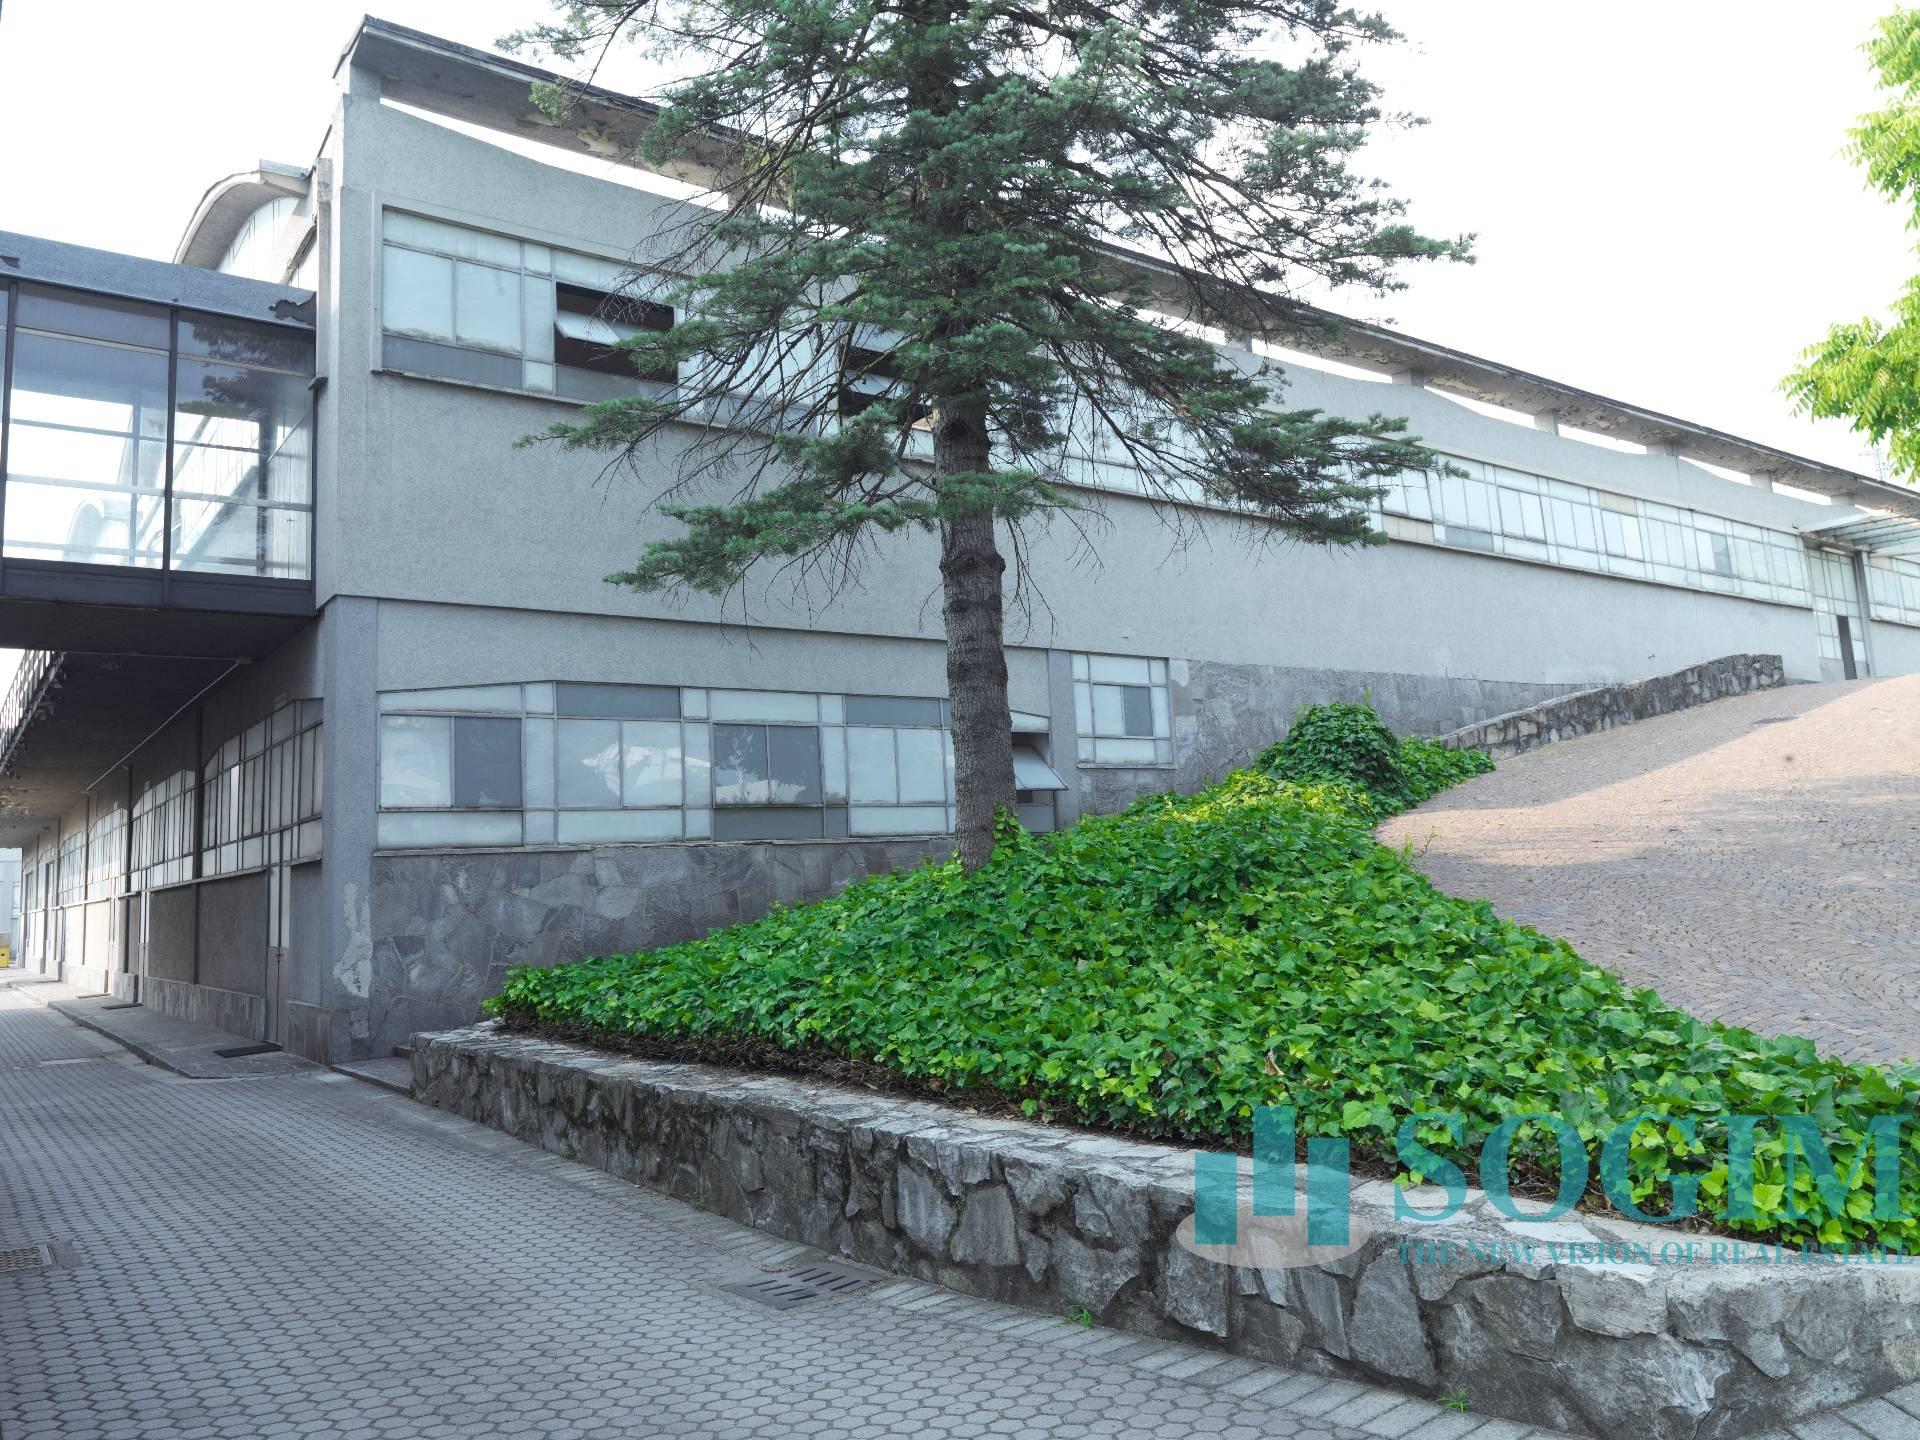 Ufficio in Affitto a Cantu'  rif. 9028